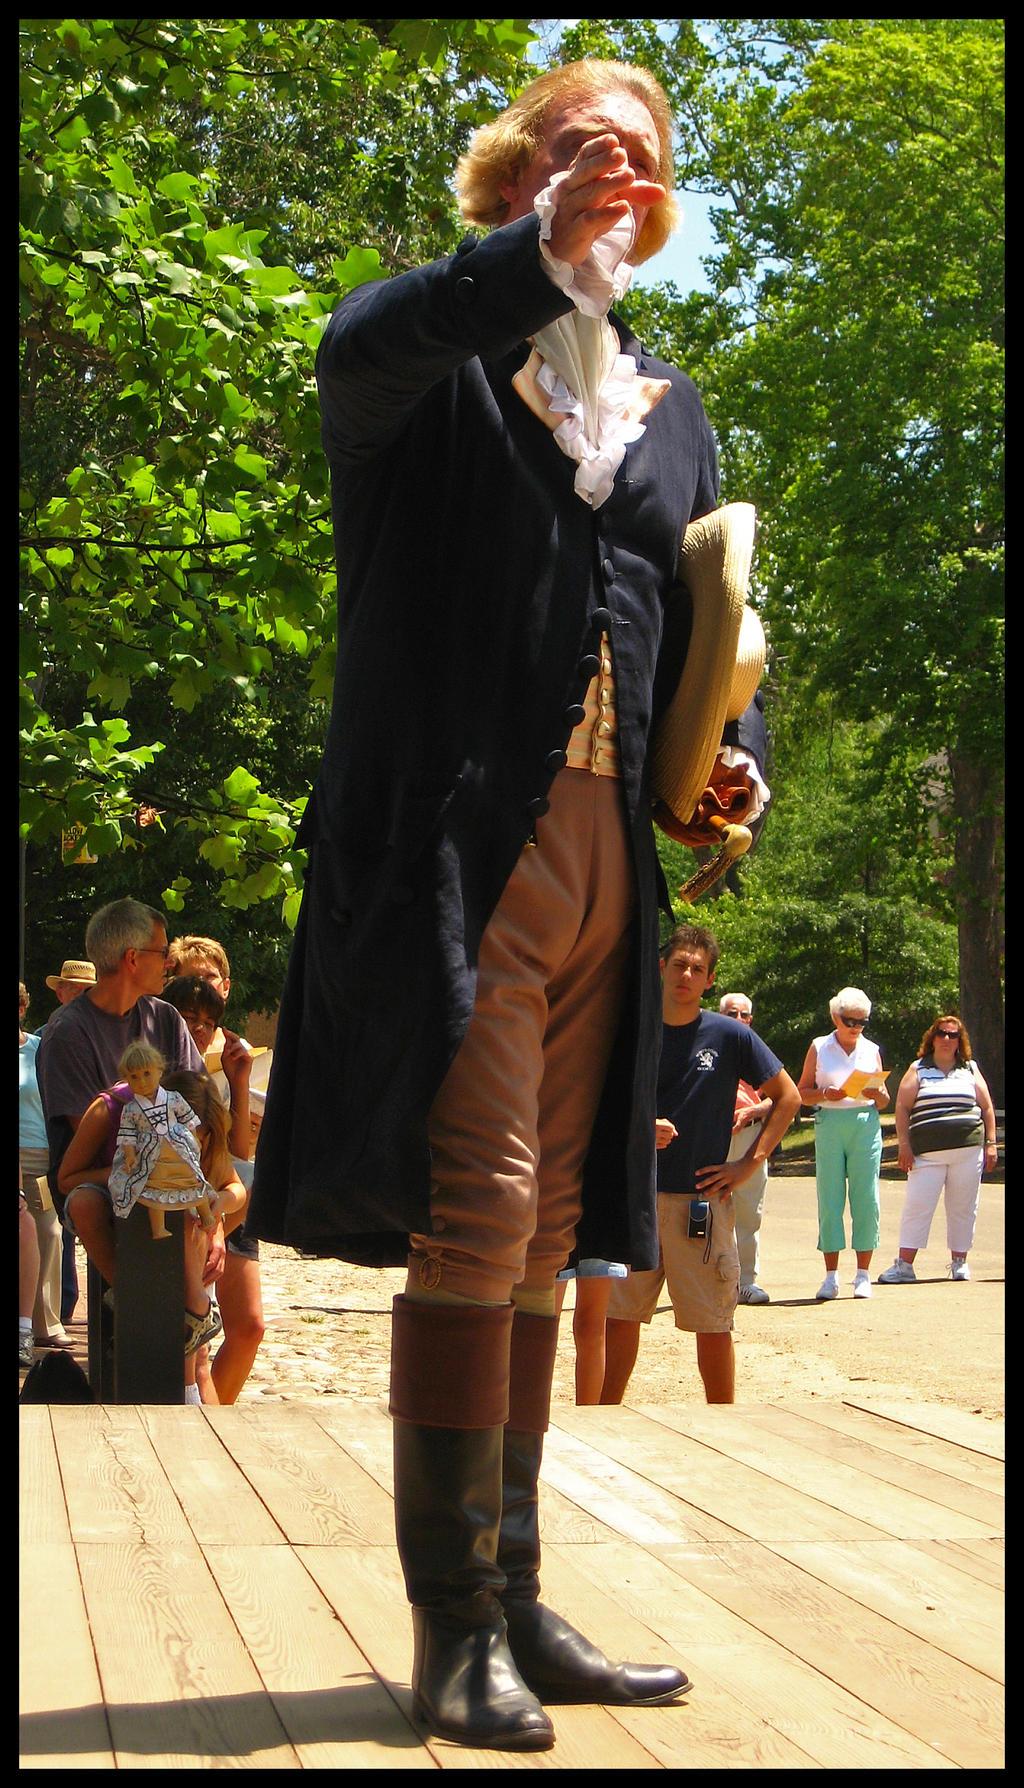 Thomas Jefferson by Elorine